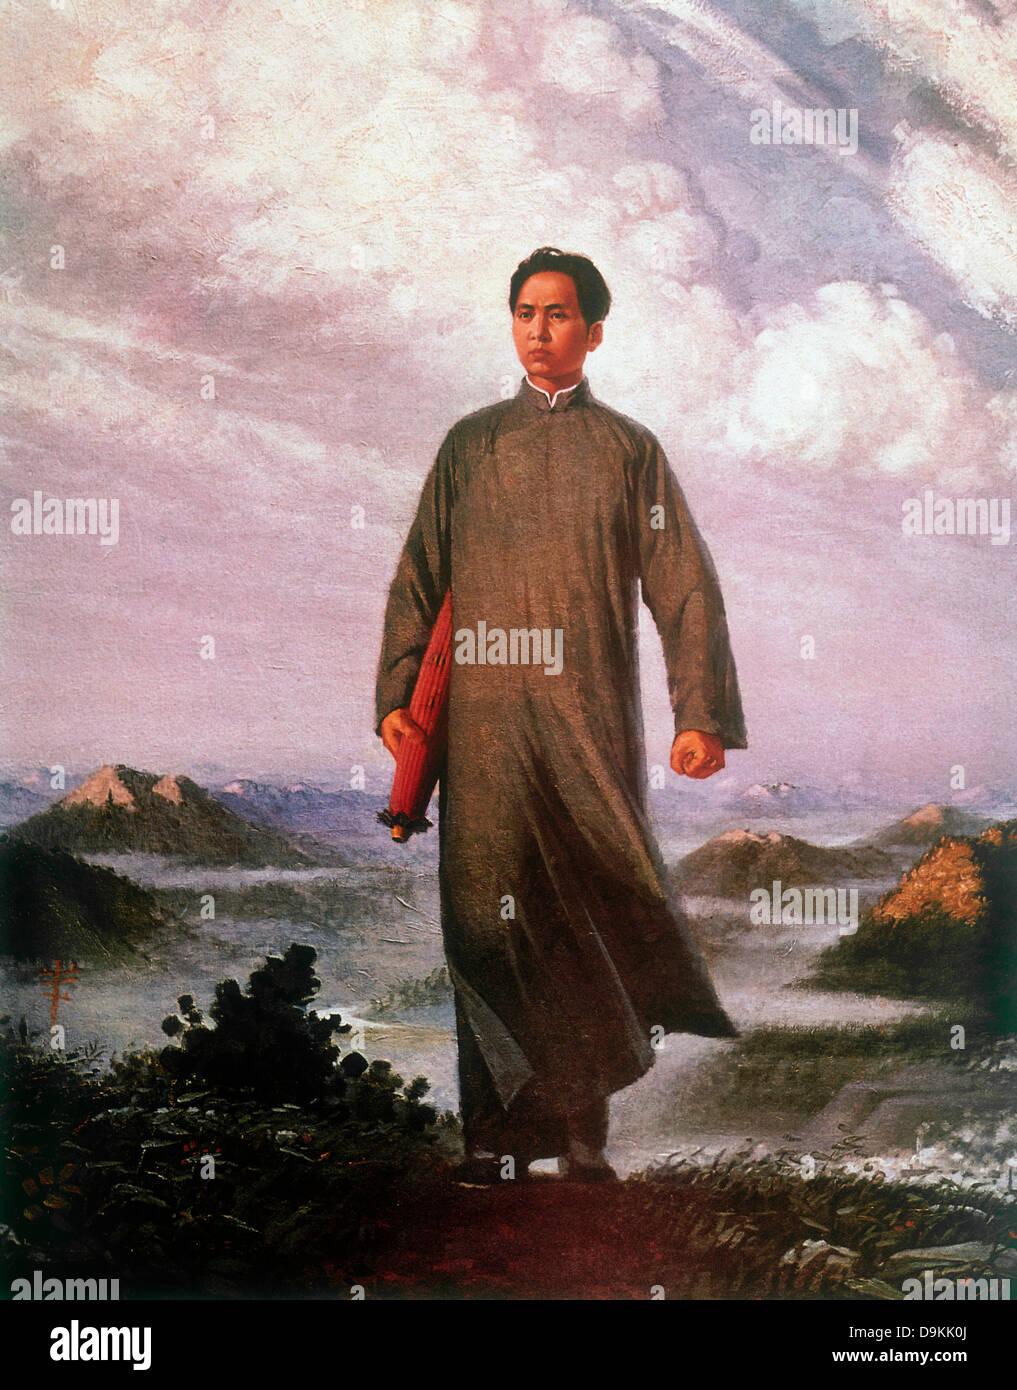 Mao tse tung Imagen De Stock